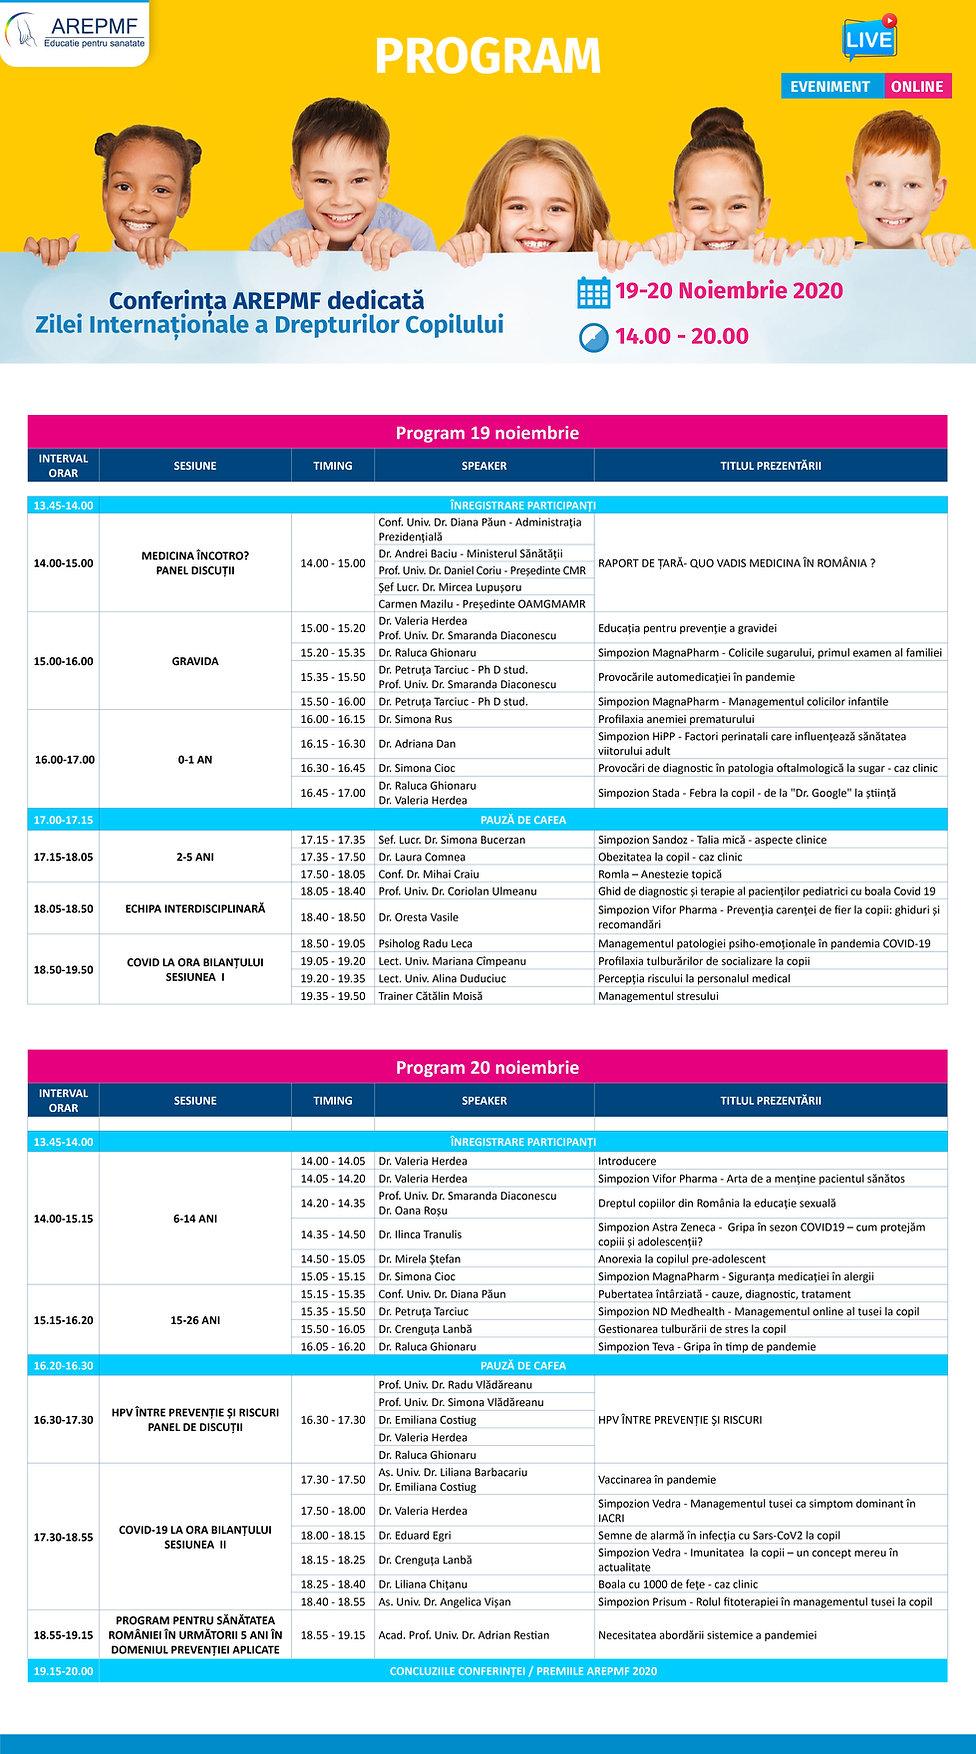 Program 19-20.jpg